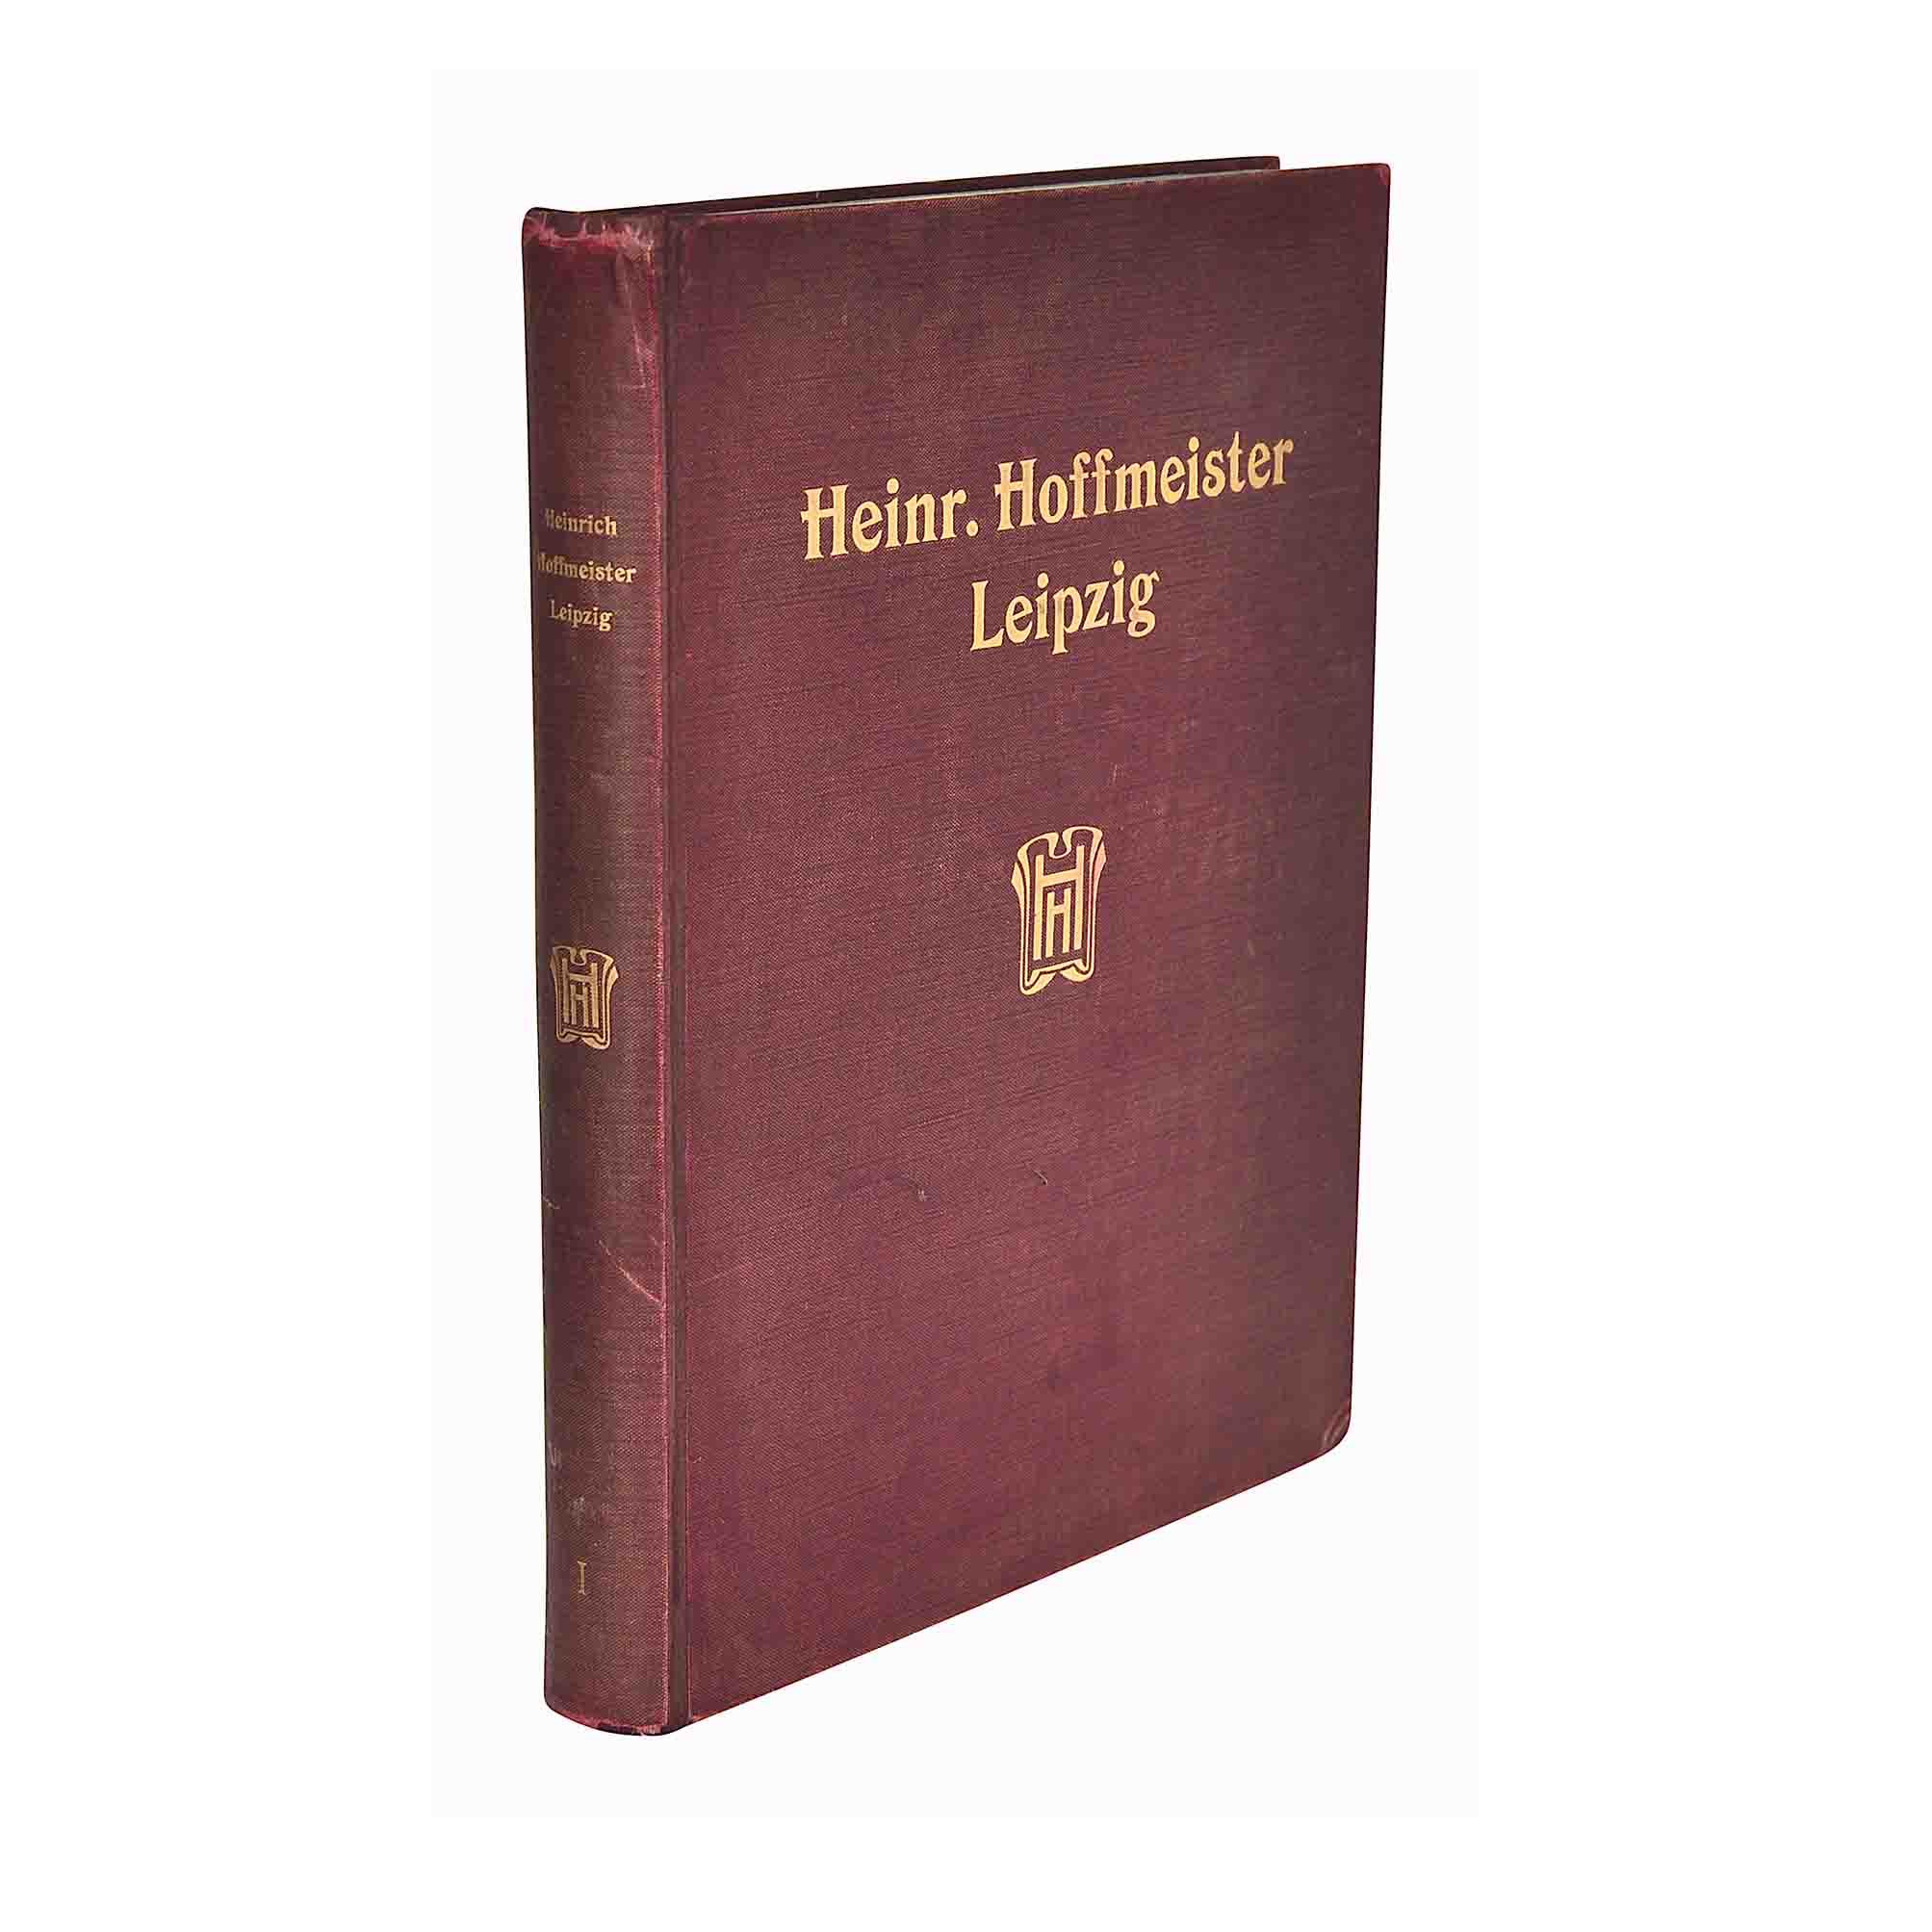 5554-Hoffmeister-Schriftgiesserei-Musterblaetter-1905-Einband-frei-A-N.jpg